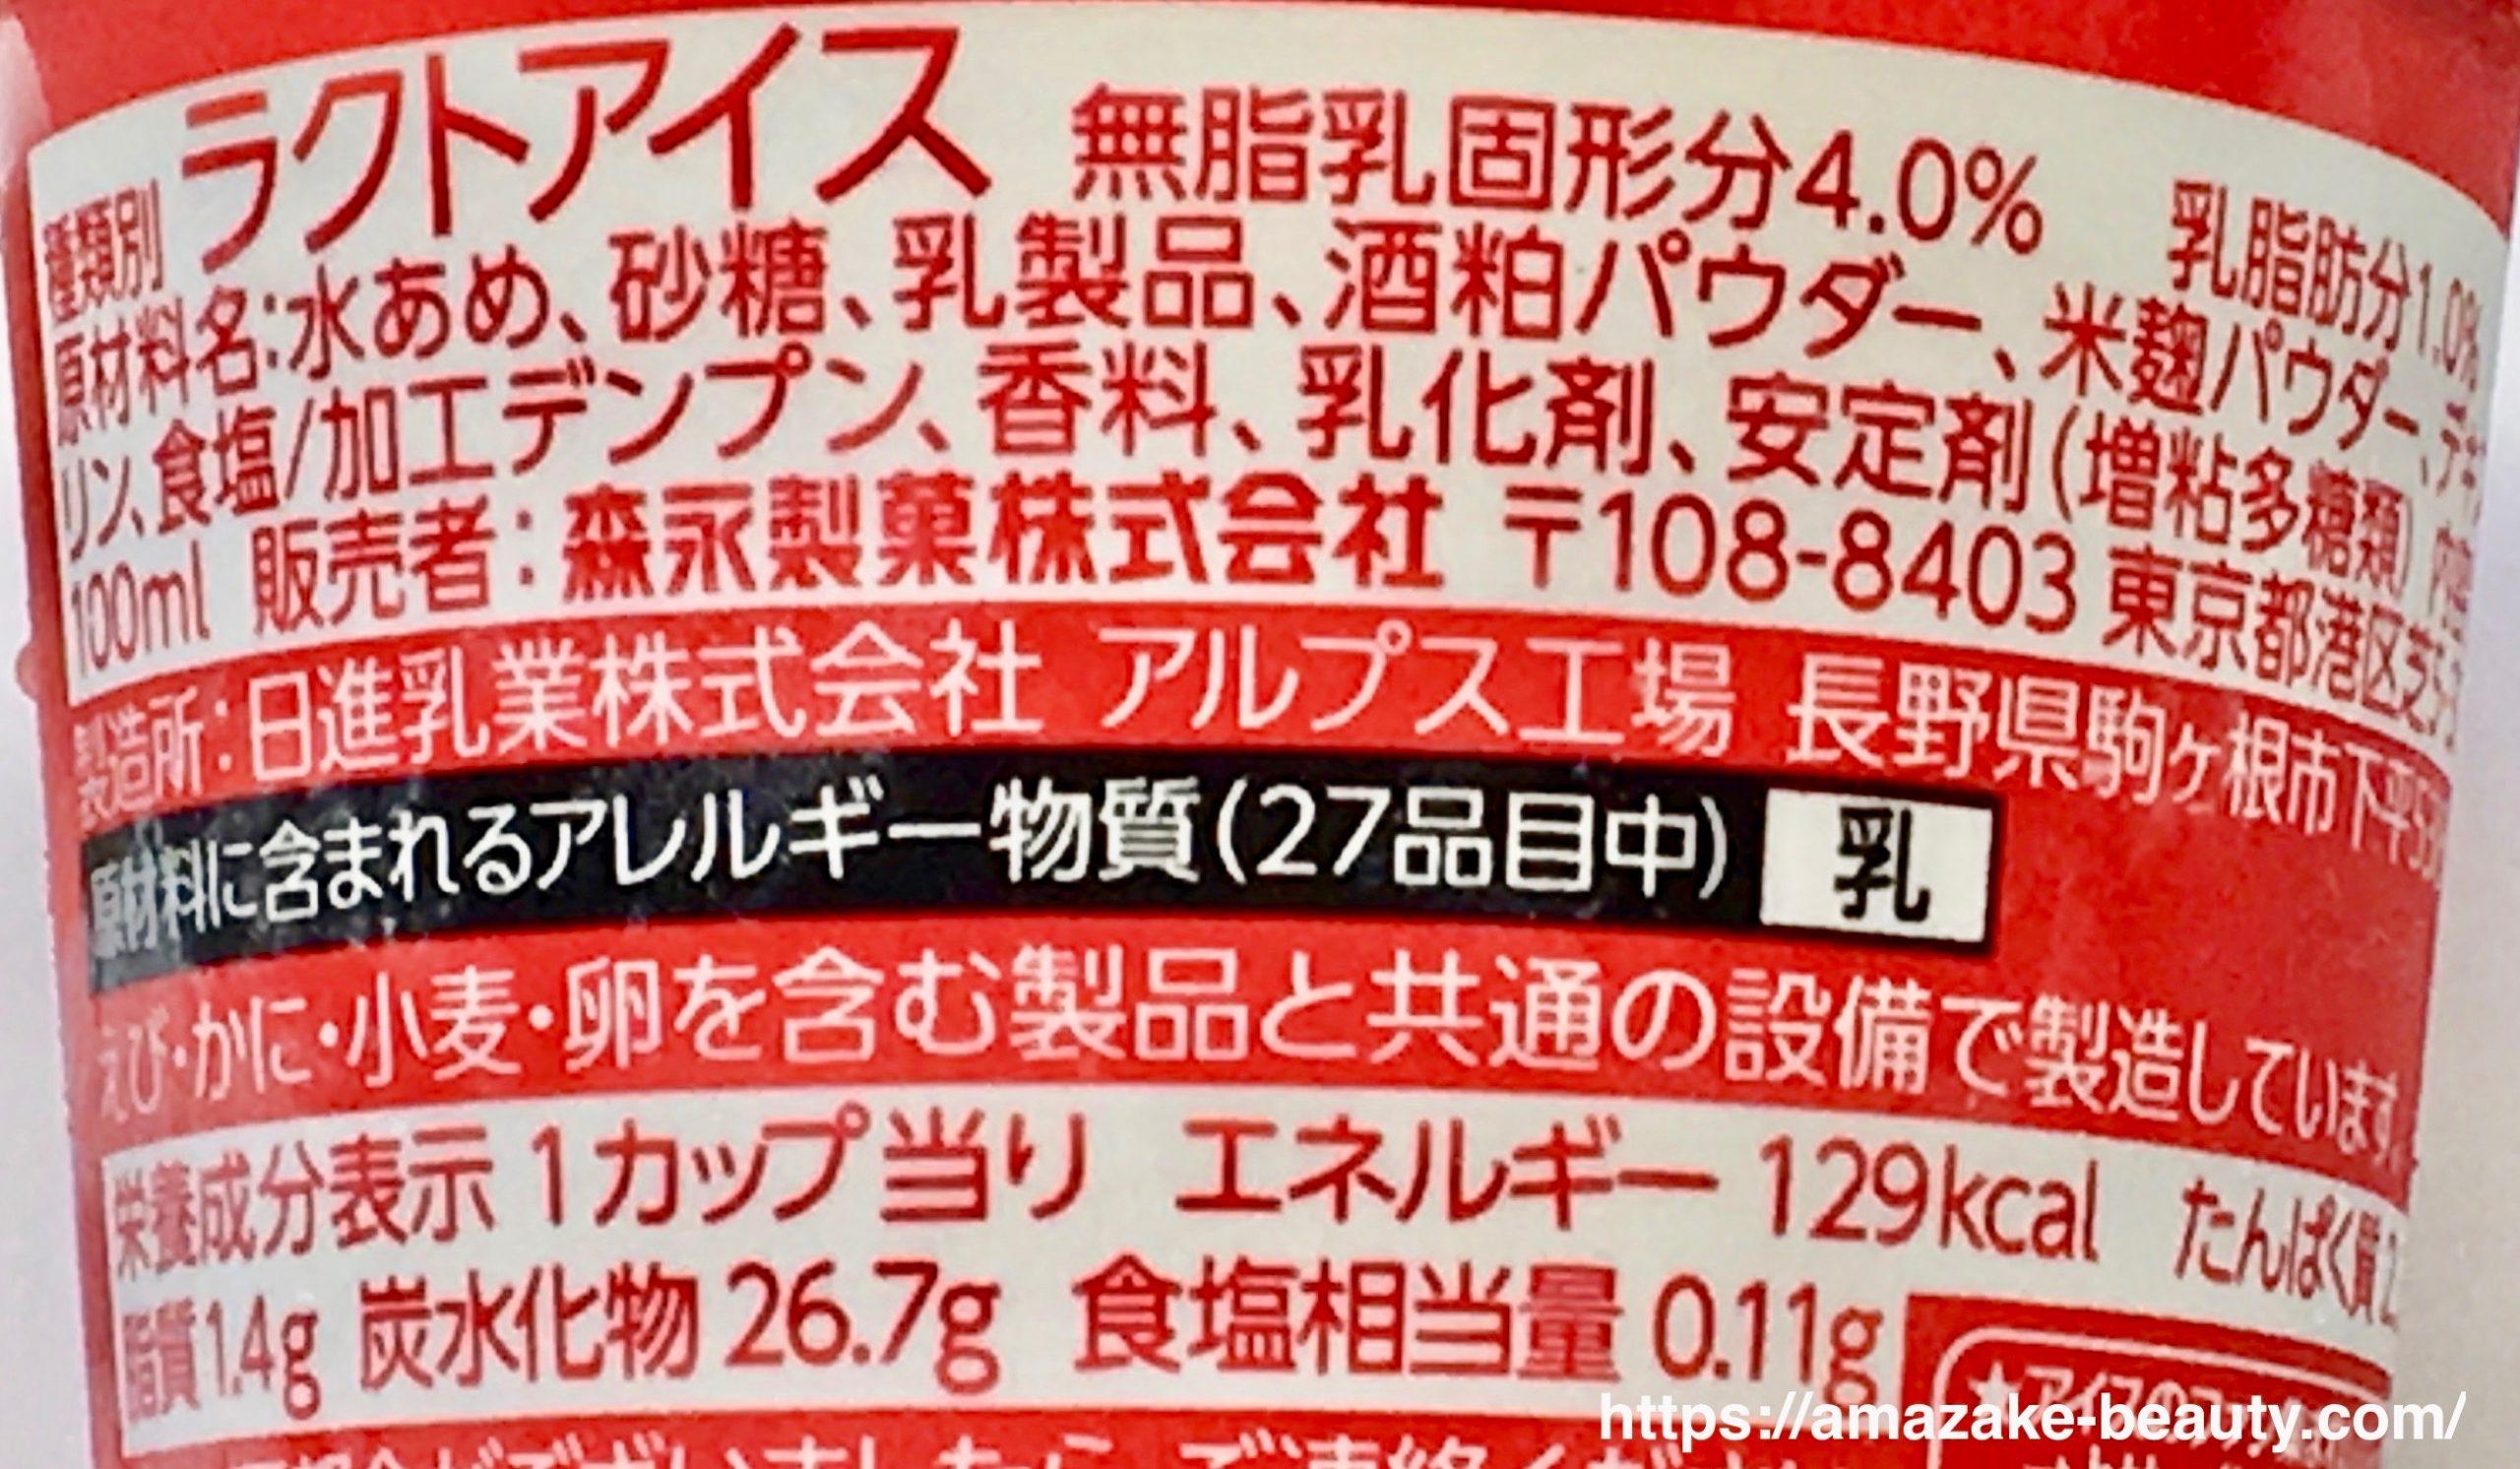 【甘酒甘味】森永製菓『甘酒アイス』(商品情報)